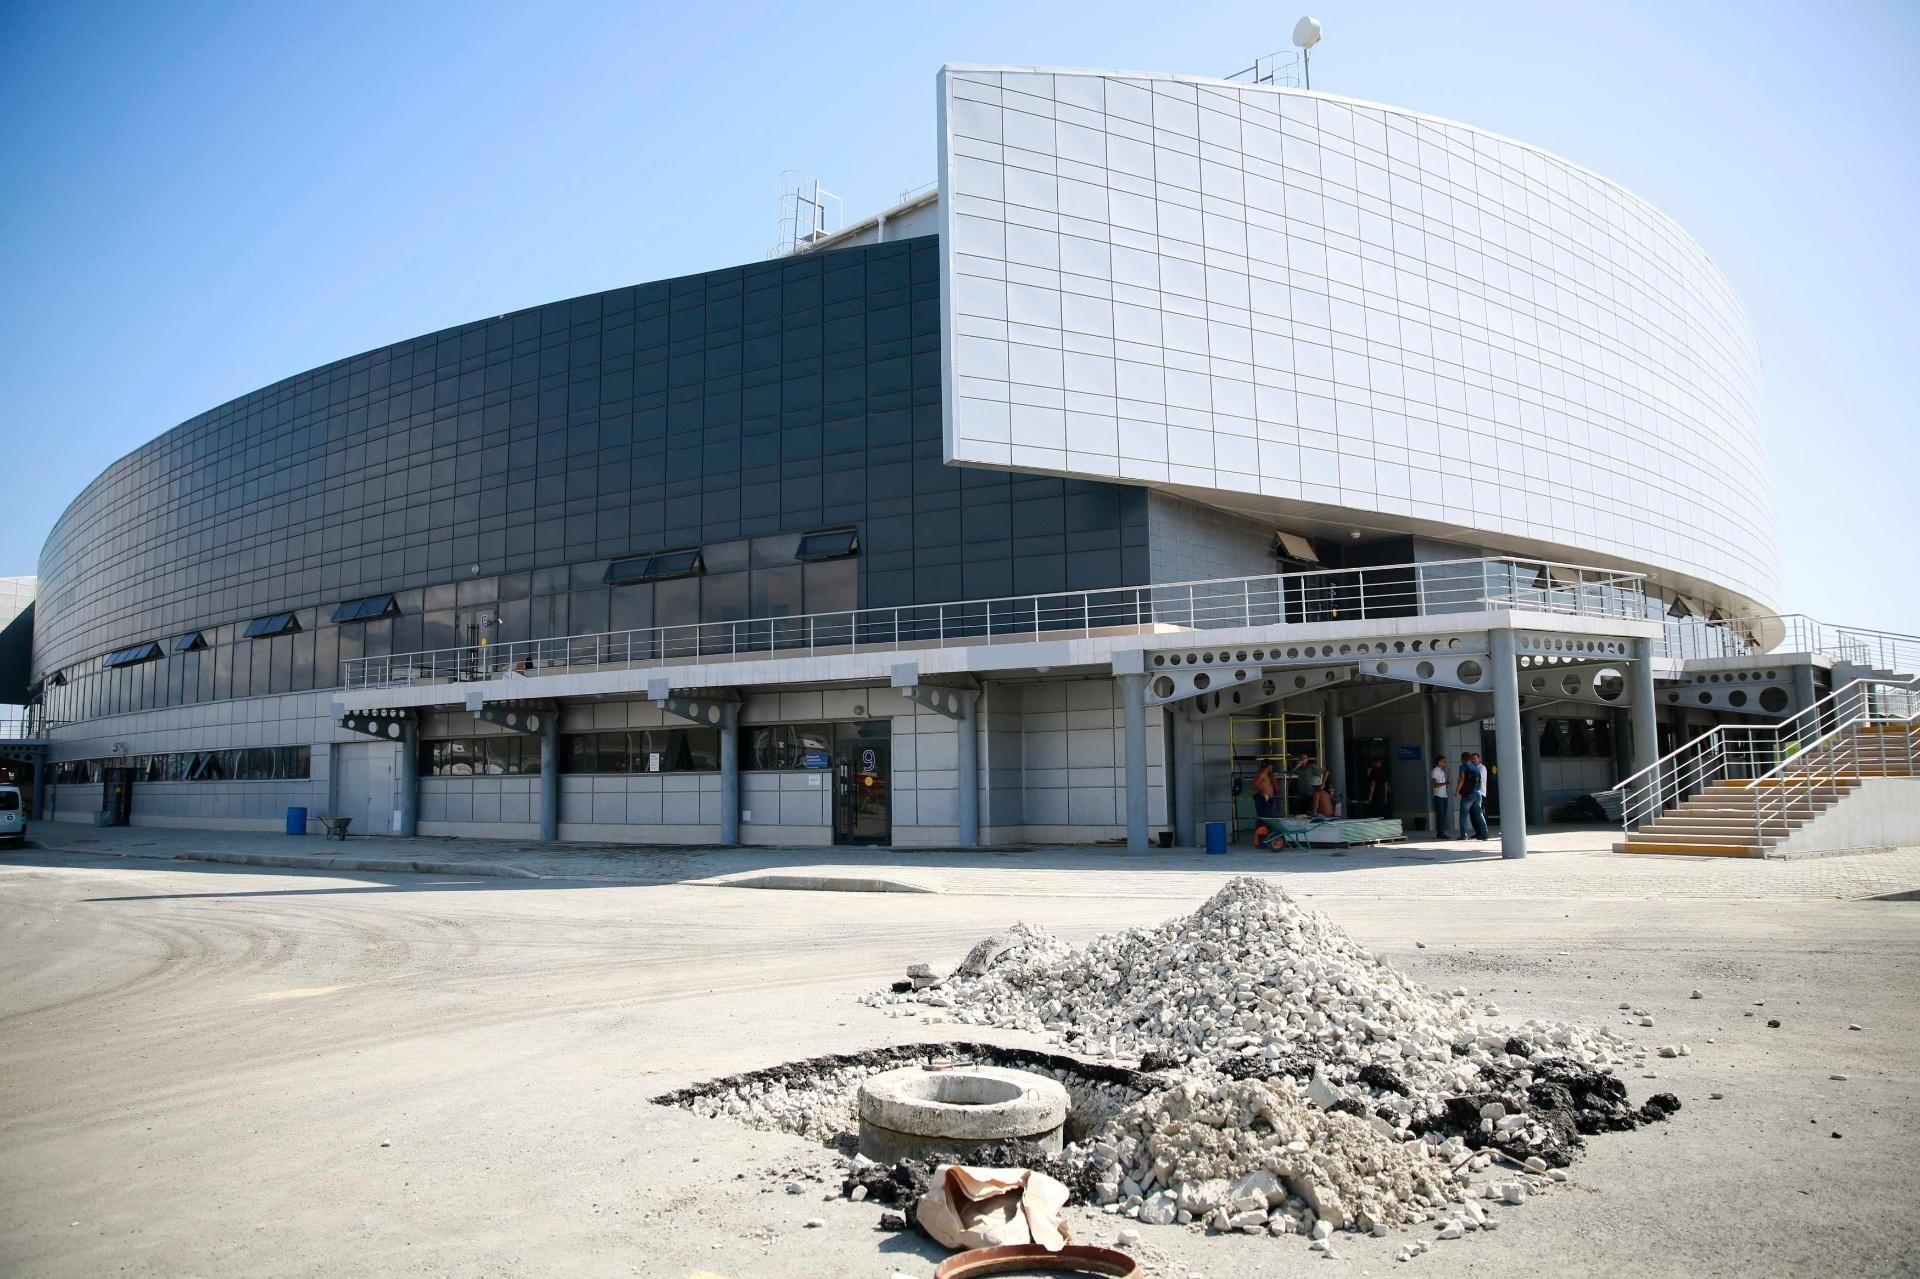 20.ago.2013 - Local dos jogos de curling da Olimpíada de inverno de Sochi, em 2014, o Ice Cube ainda tem pequenas obras na área exterior